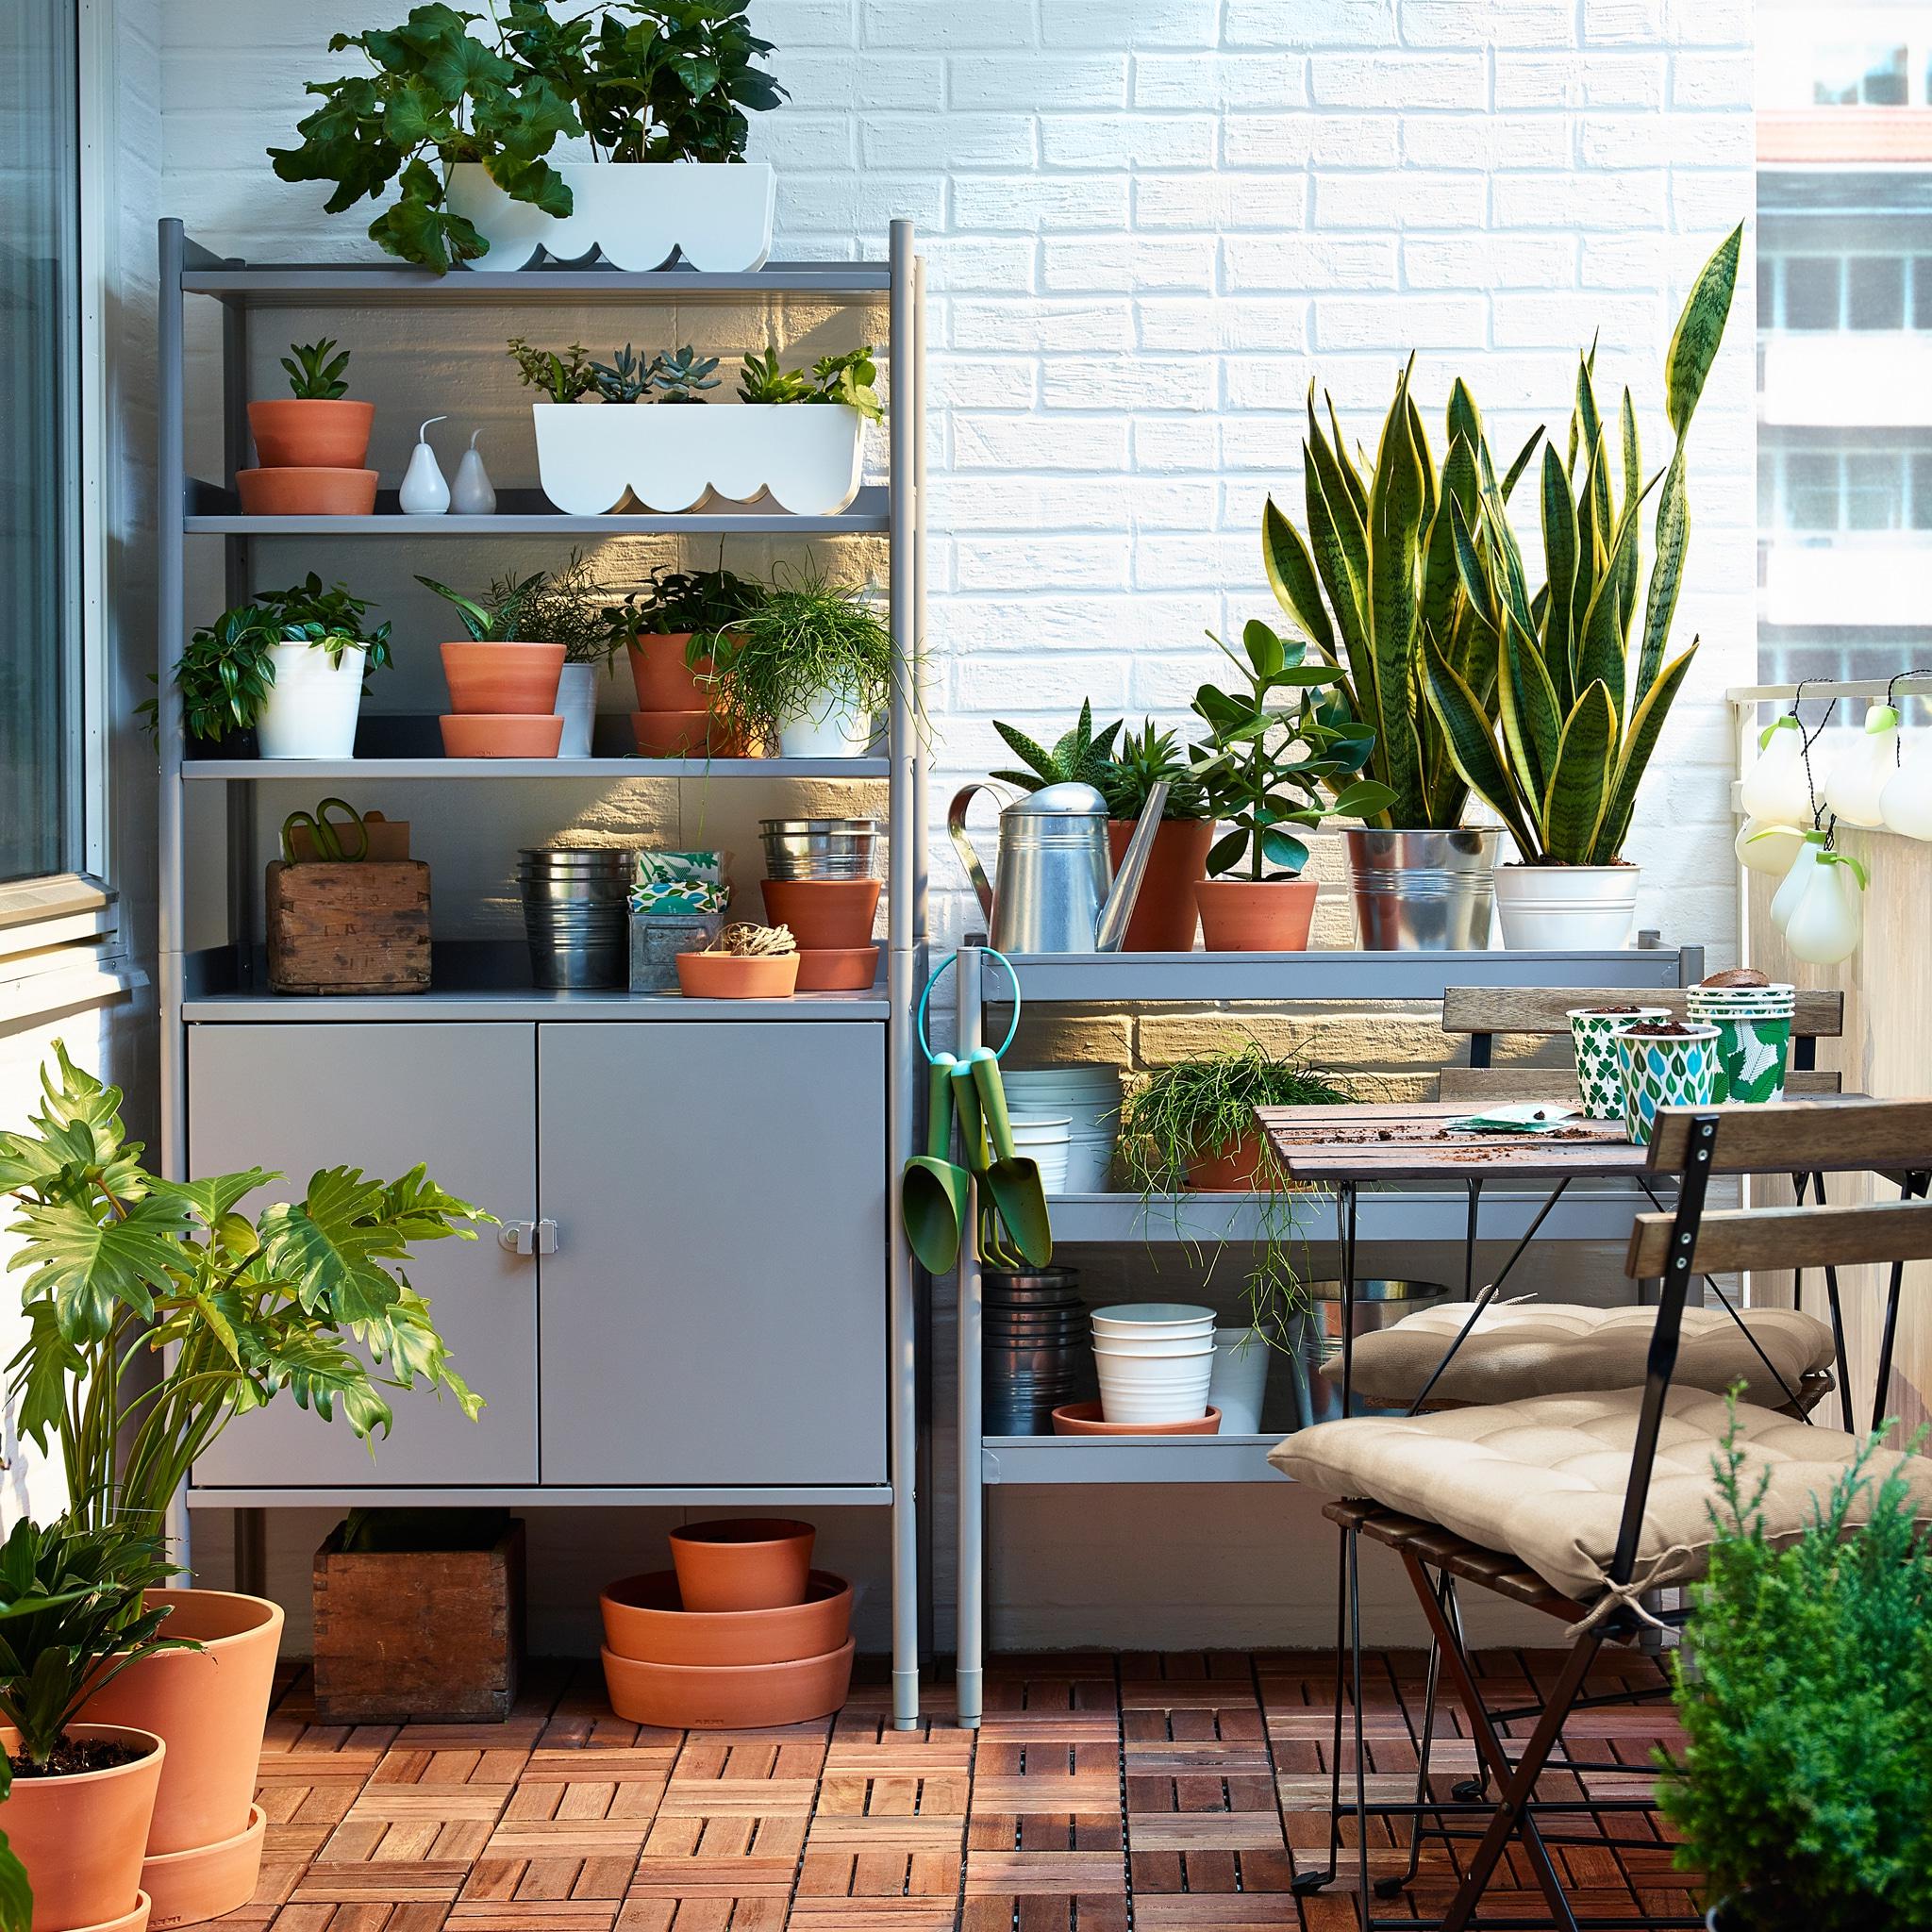 Mesa Balcon Ikea Budm Muebles De Jardà N Y Terraza Muebles De Exterior Pra Online Ikea